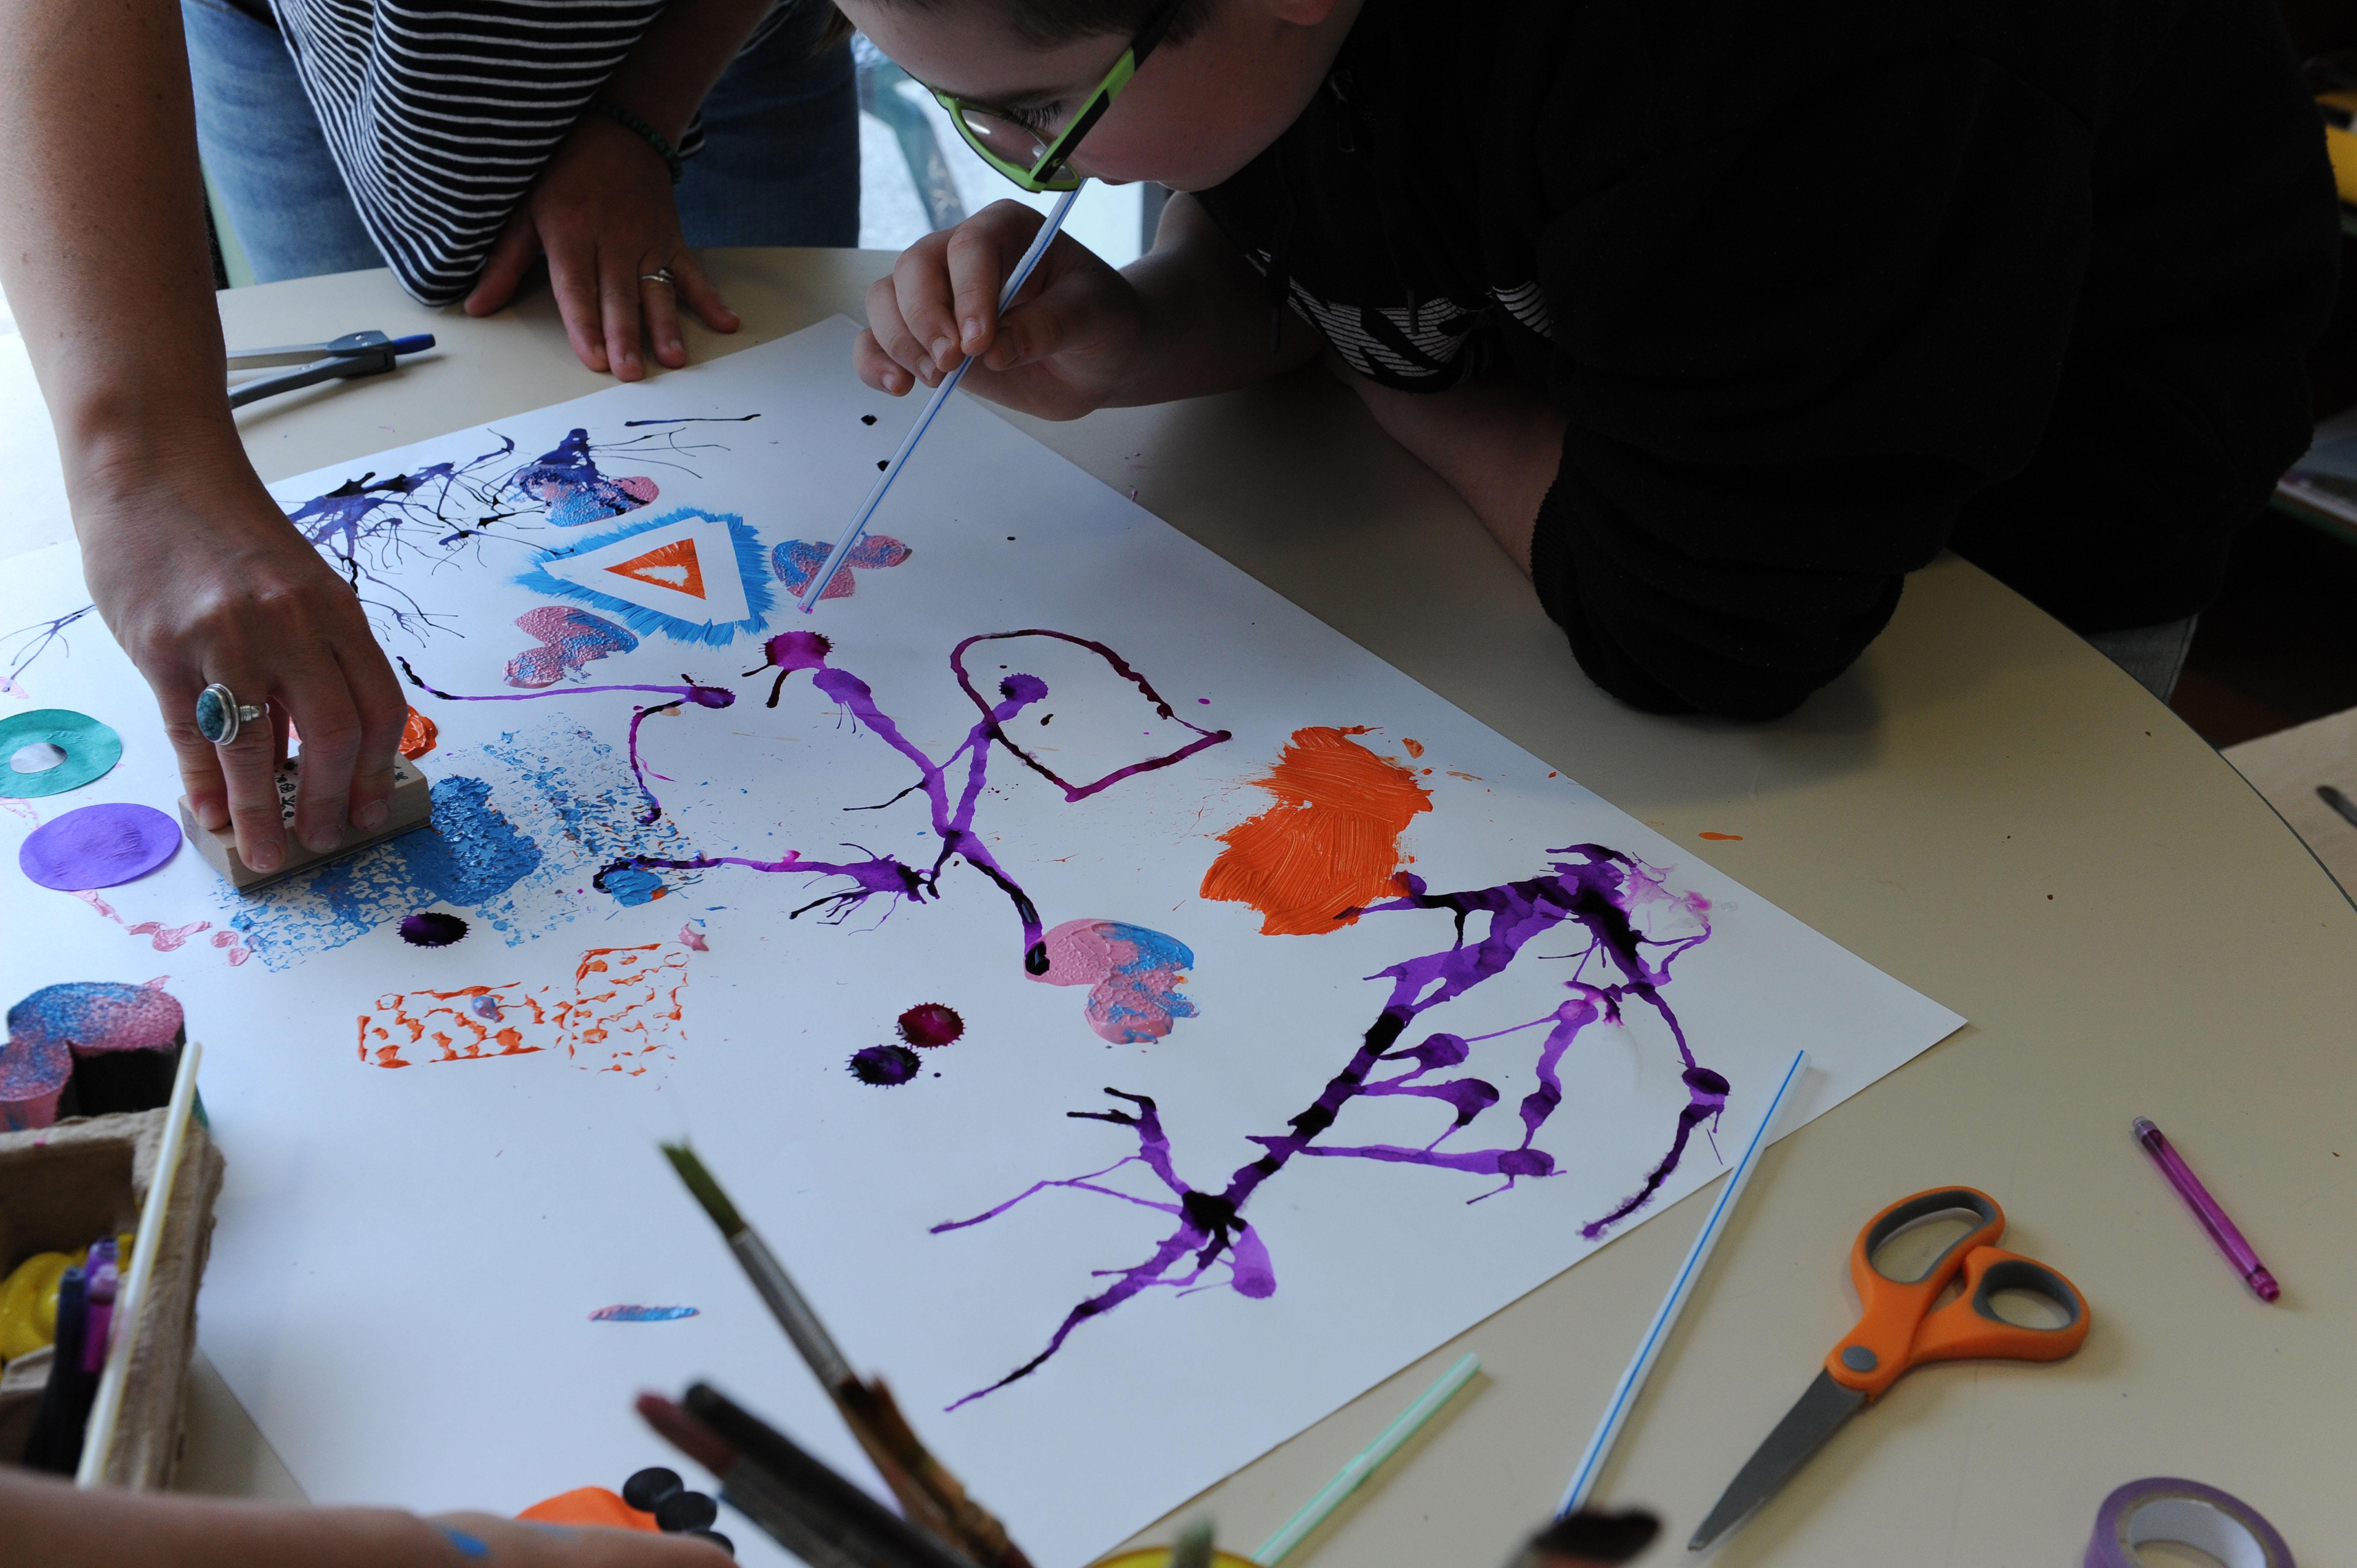 Activité thérapeutique à l'Hôpital de Jour Enfants